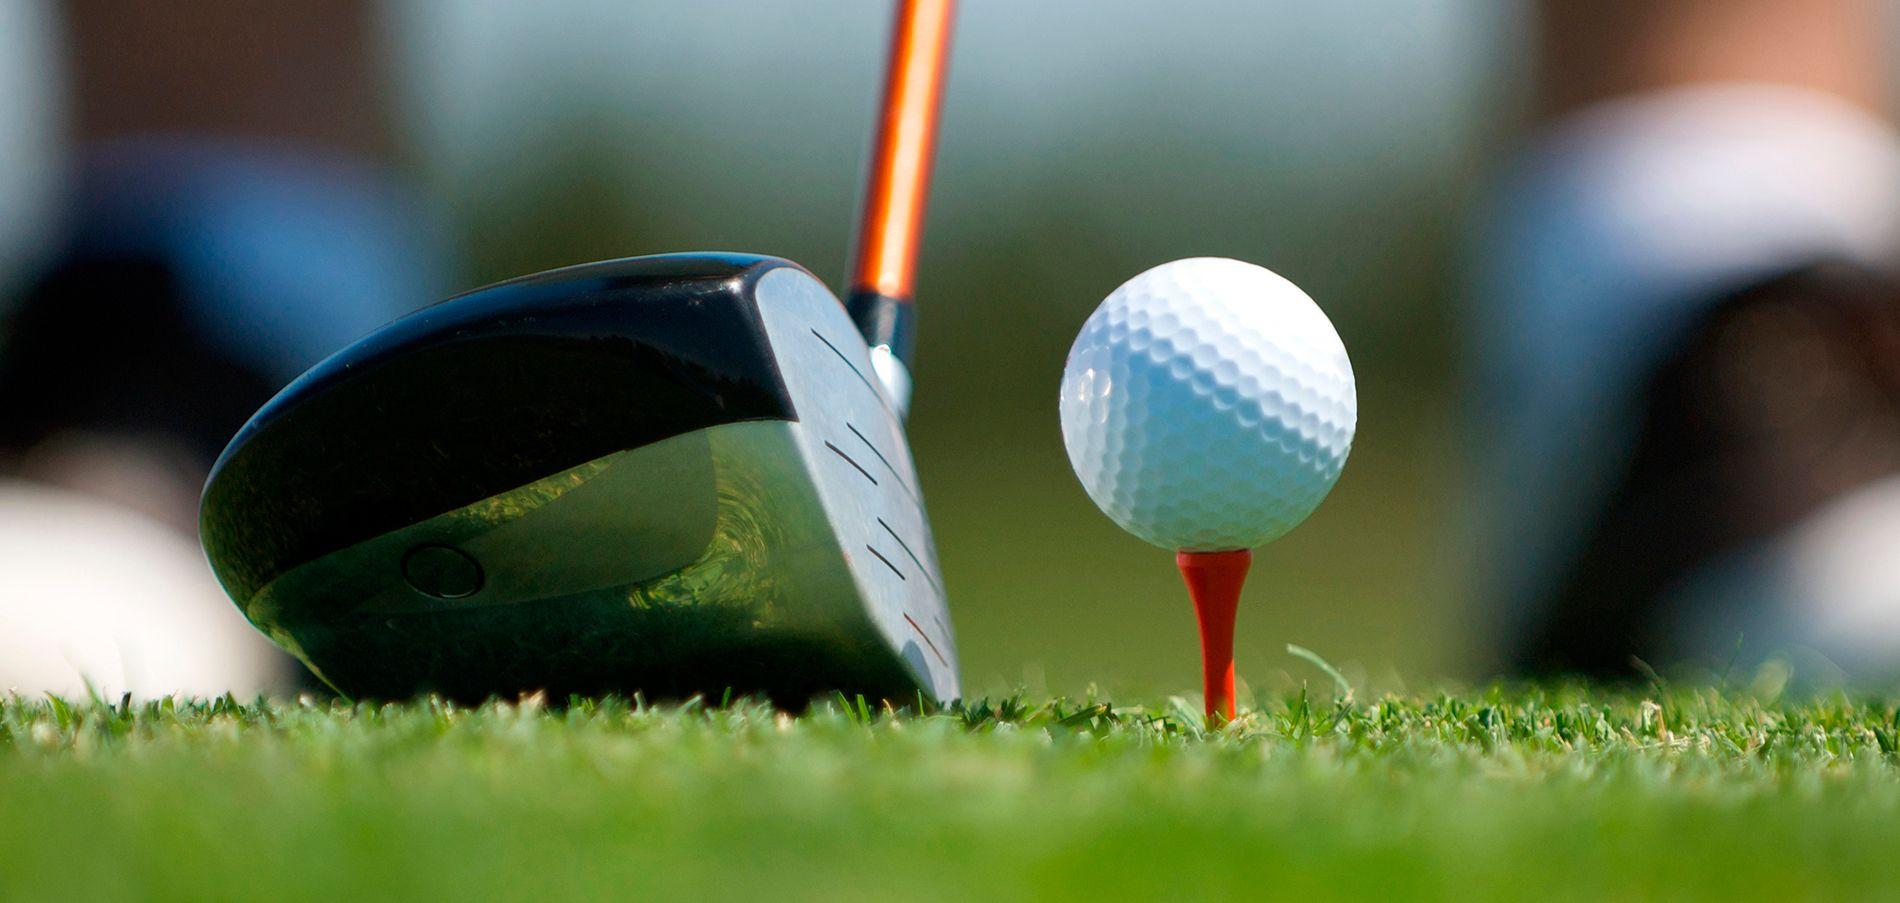 objets publicitaire golf